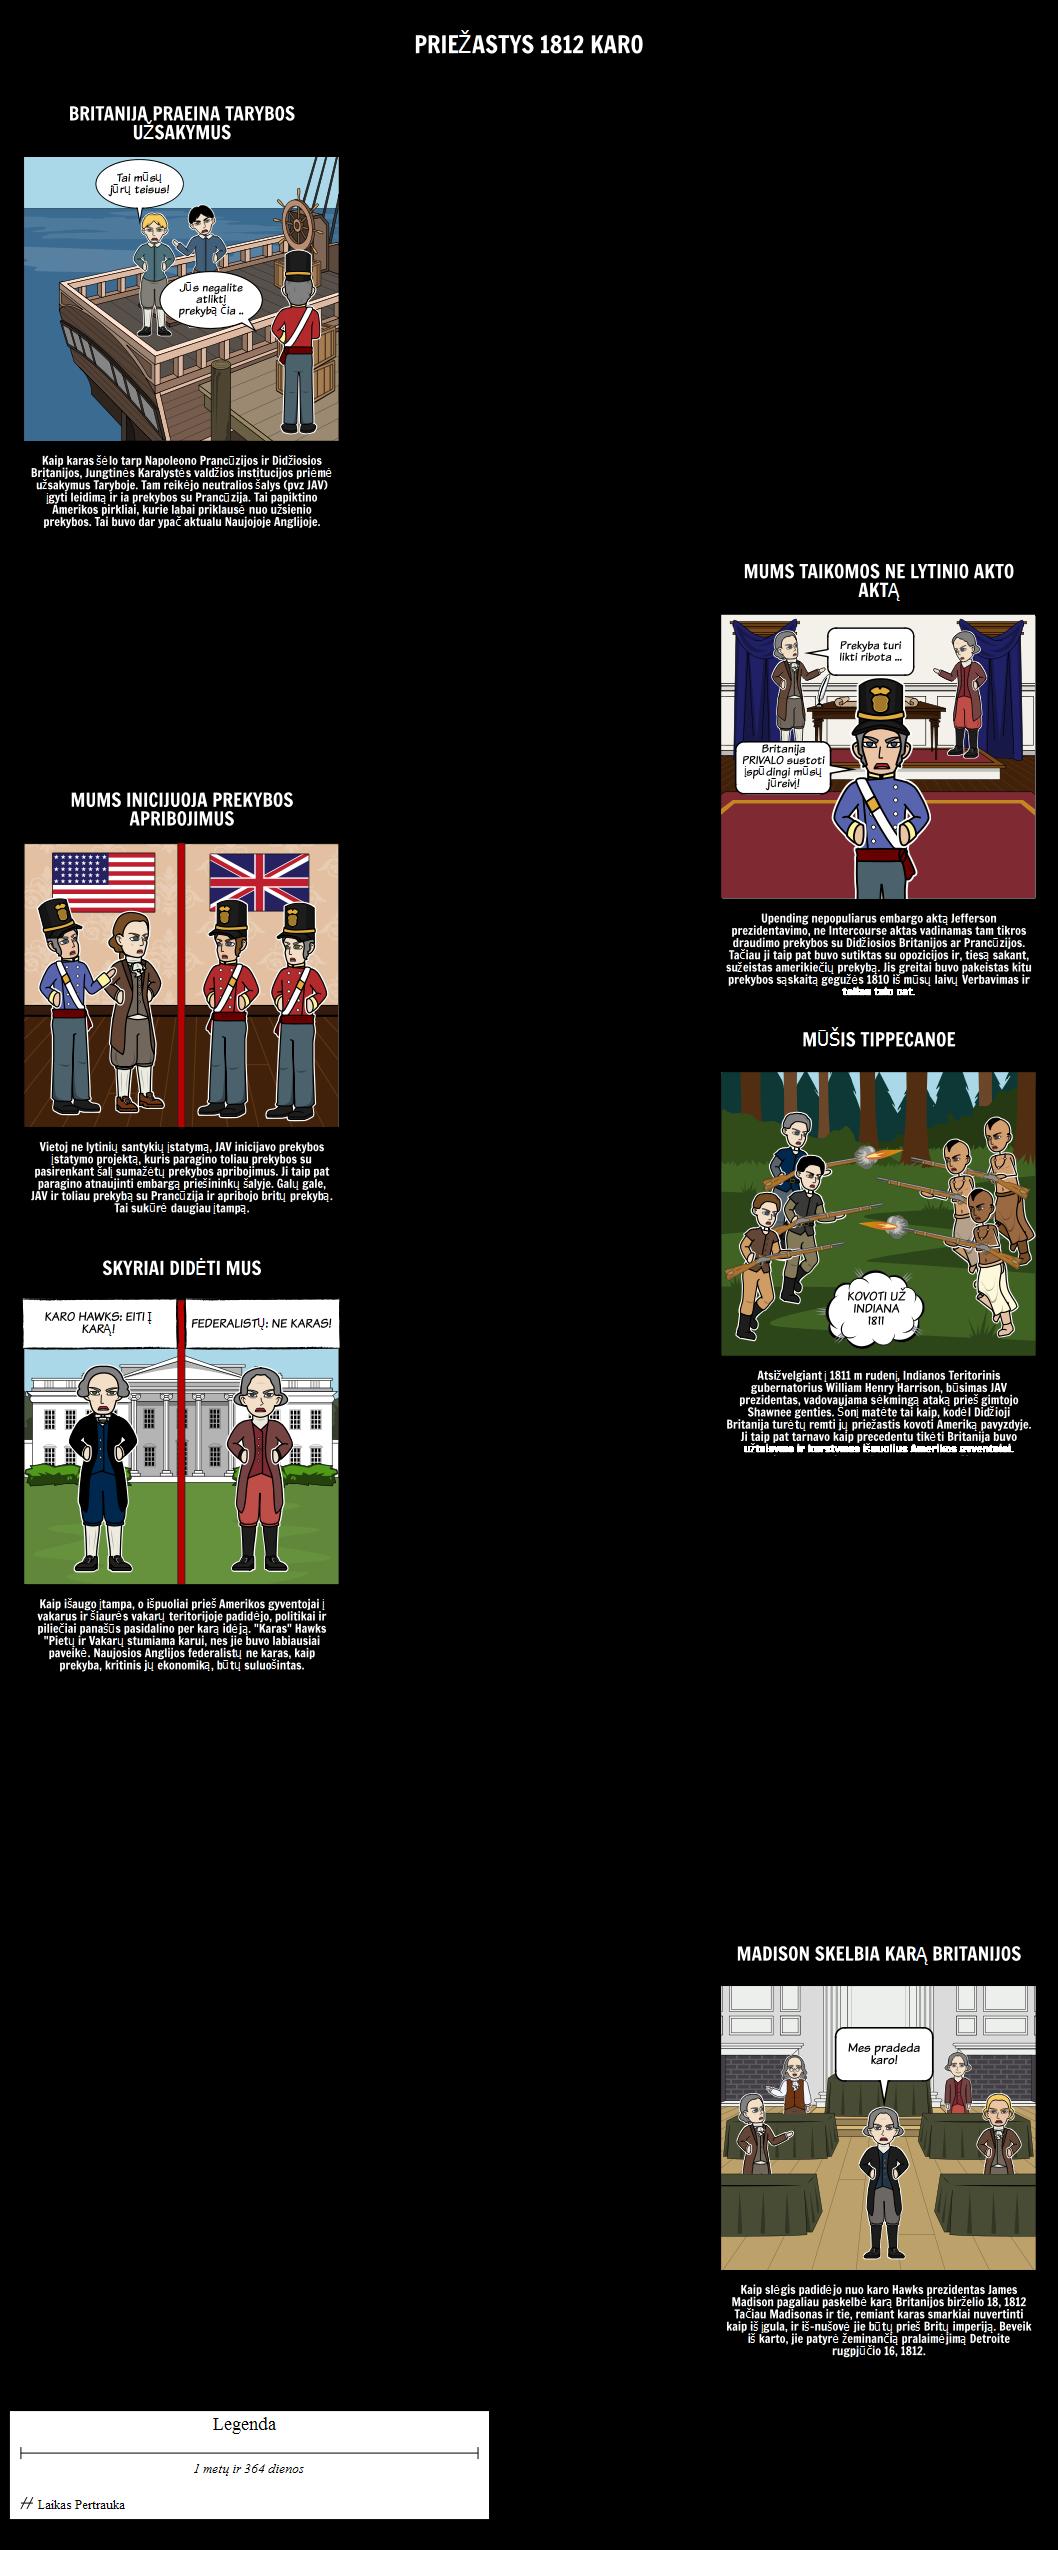 Karas 1812 - priežastys 1812 Chronologija karo